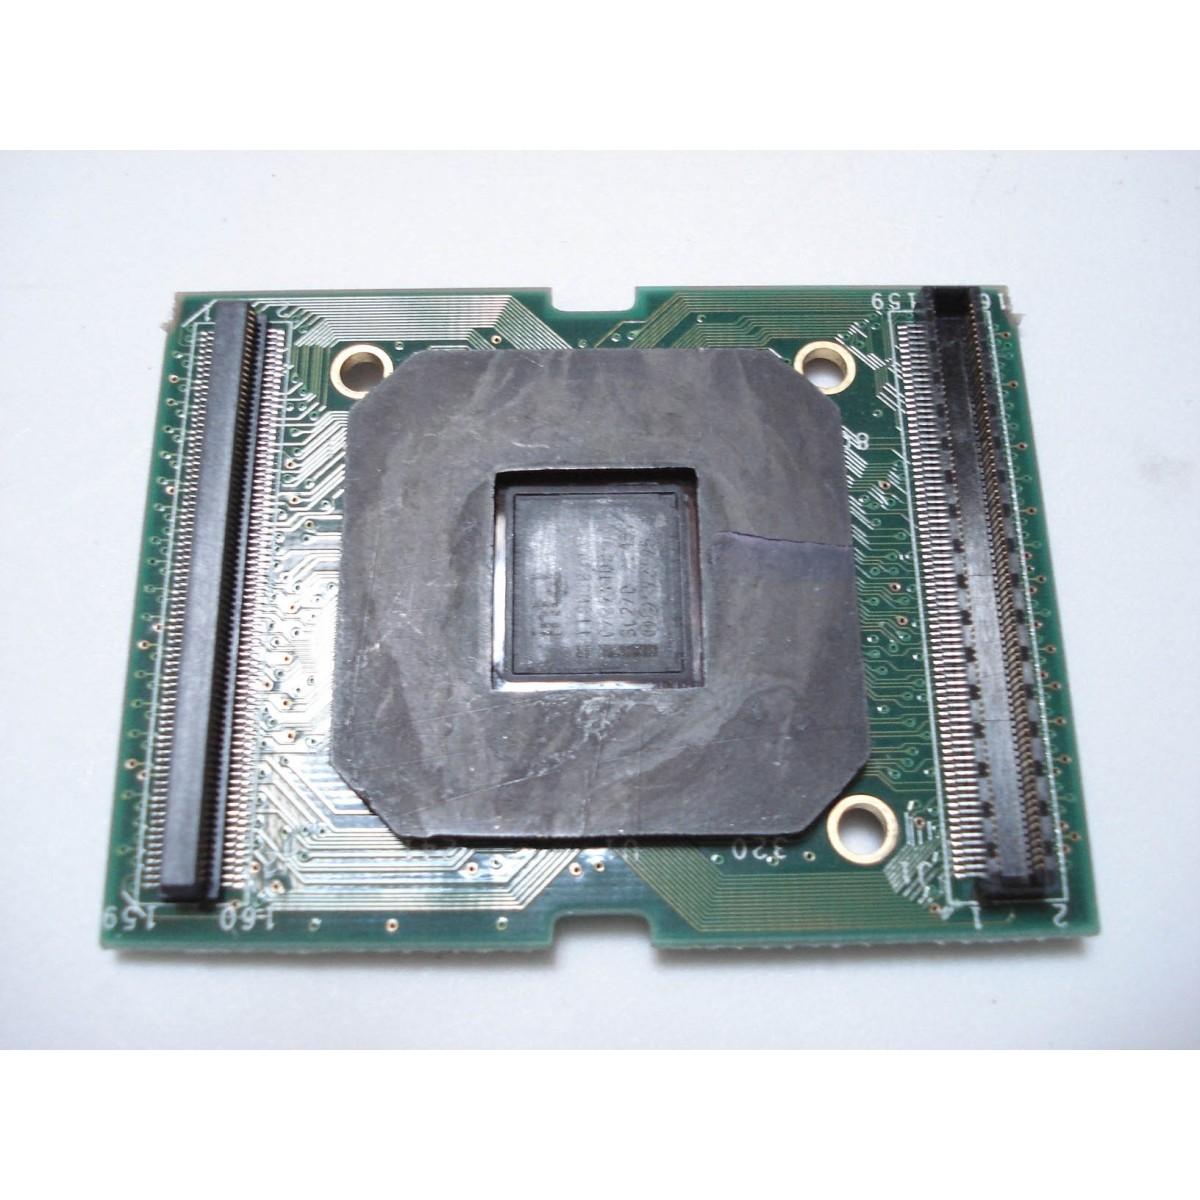 Processador Intel Pentium MMX 133 MHz SL27D